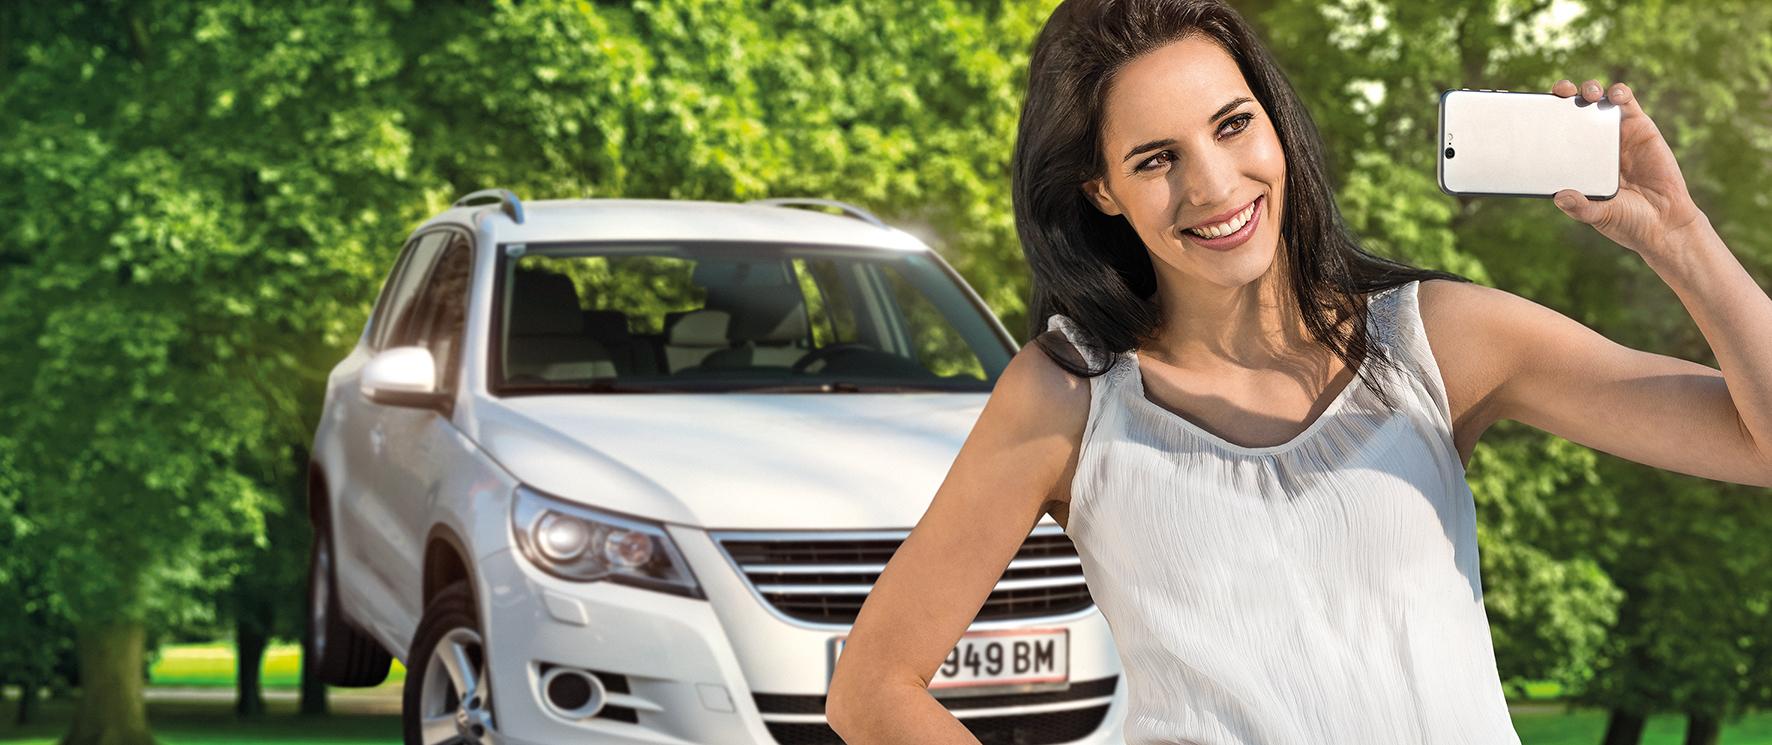 Добровольное страхование гражданско-правовой ответственности автовладельцев